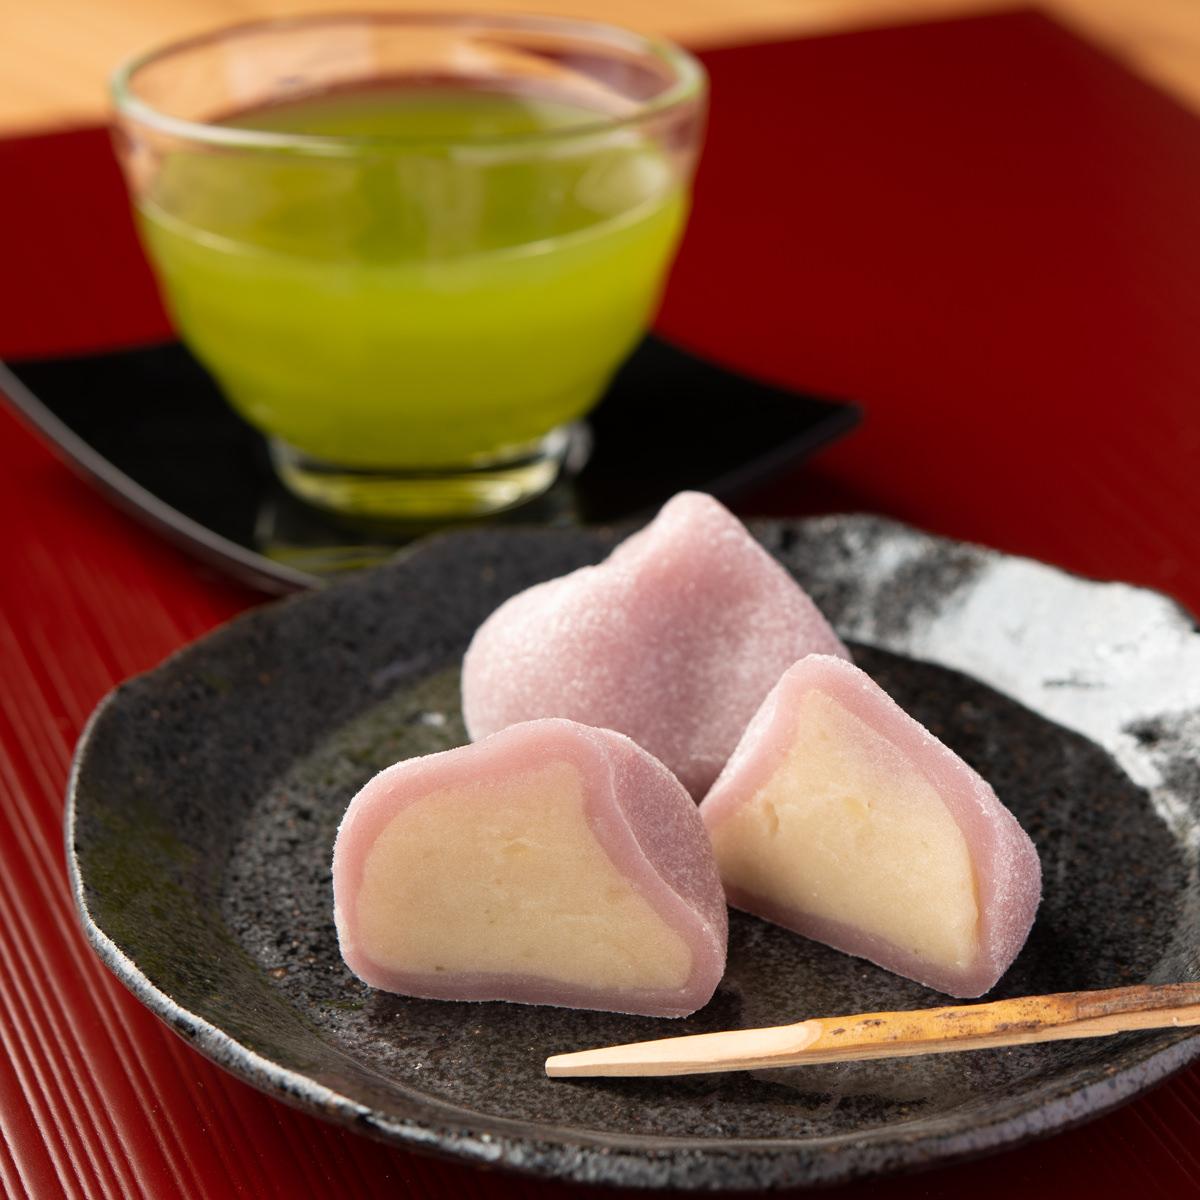 あやめもち 〔20個入〕 石川県 和菓子 金沢土産 神保